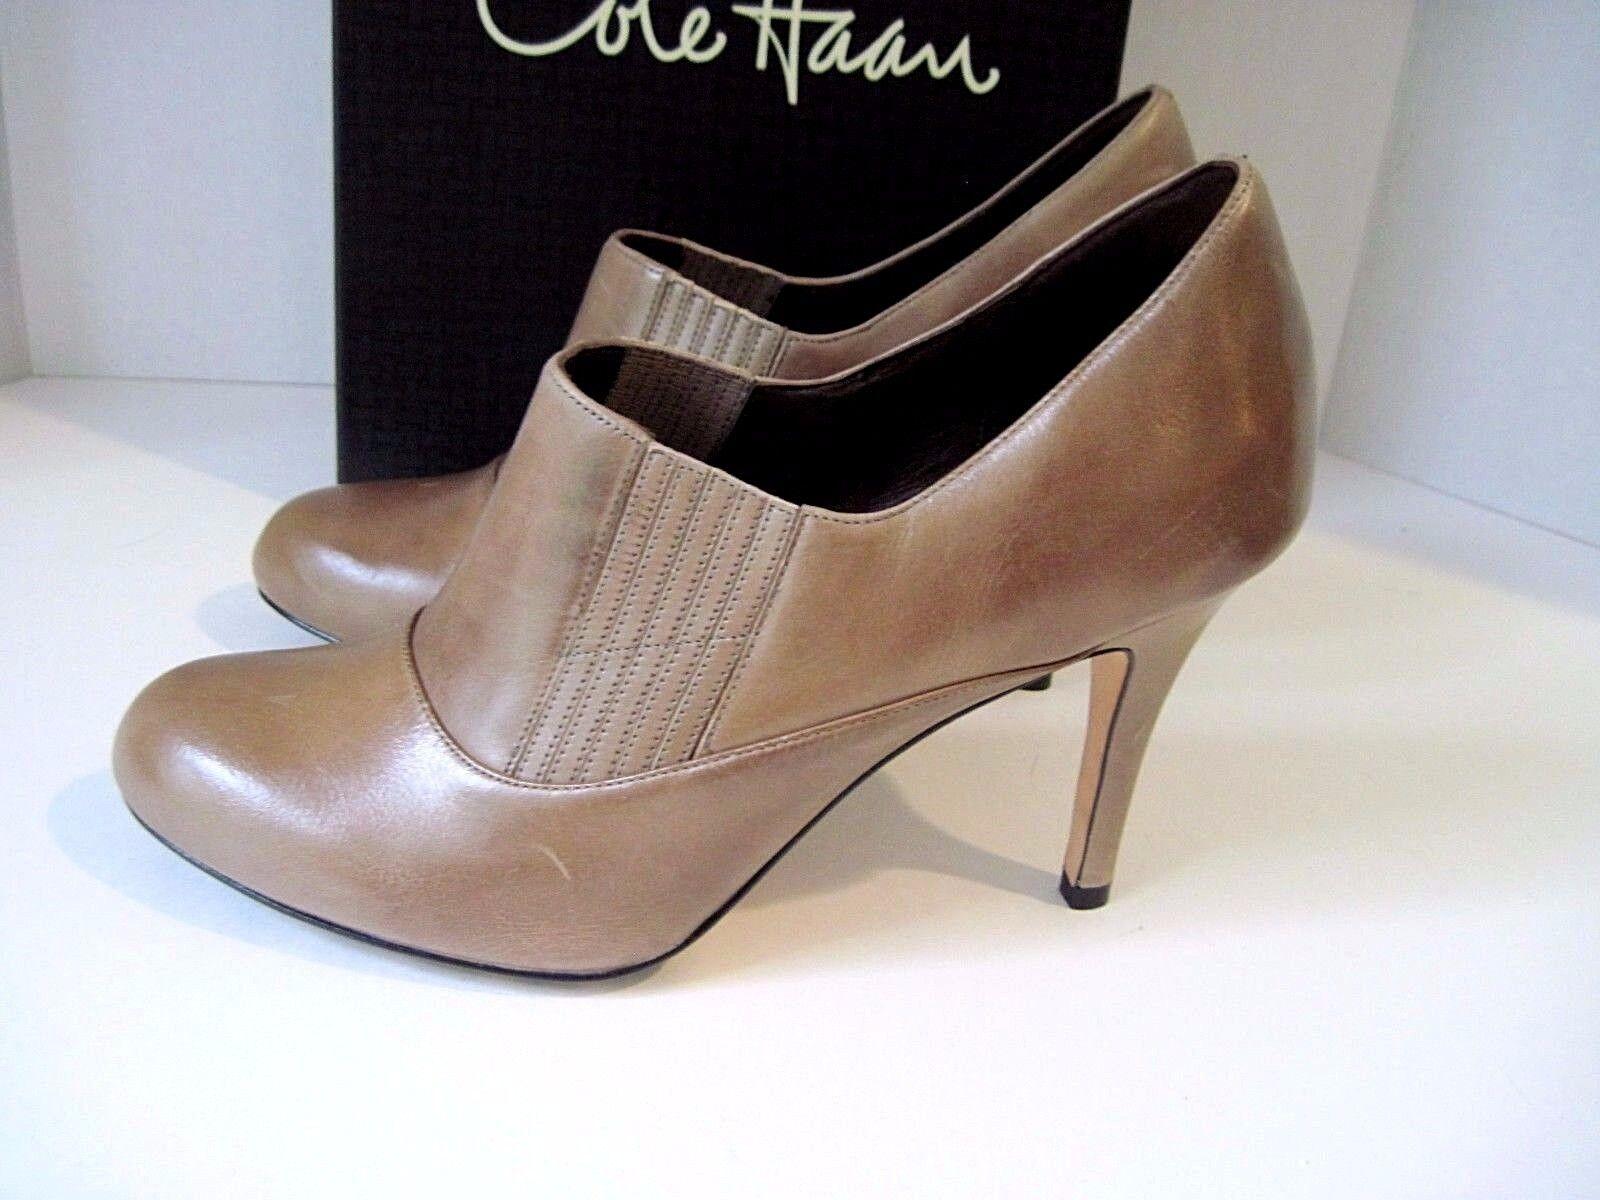 Cole Haan Talia Gore Botines Para Mujer De Cuero Marrón Marrón Marrón Zapatos De Salón Talla 10.5 B, Nuevo Caja  producto de calidad